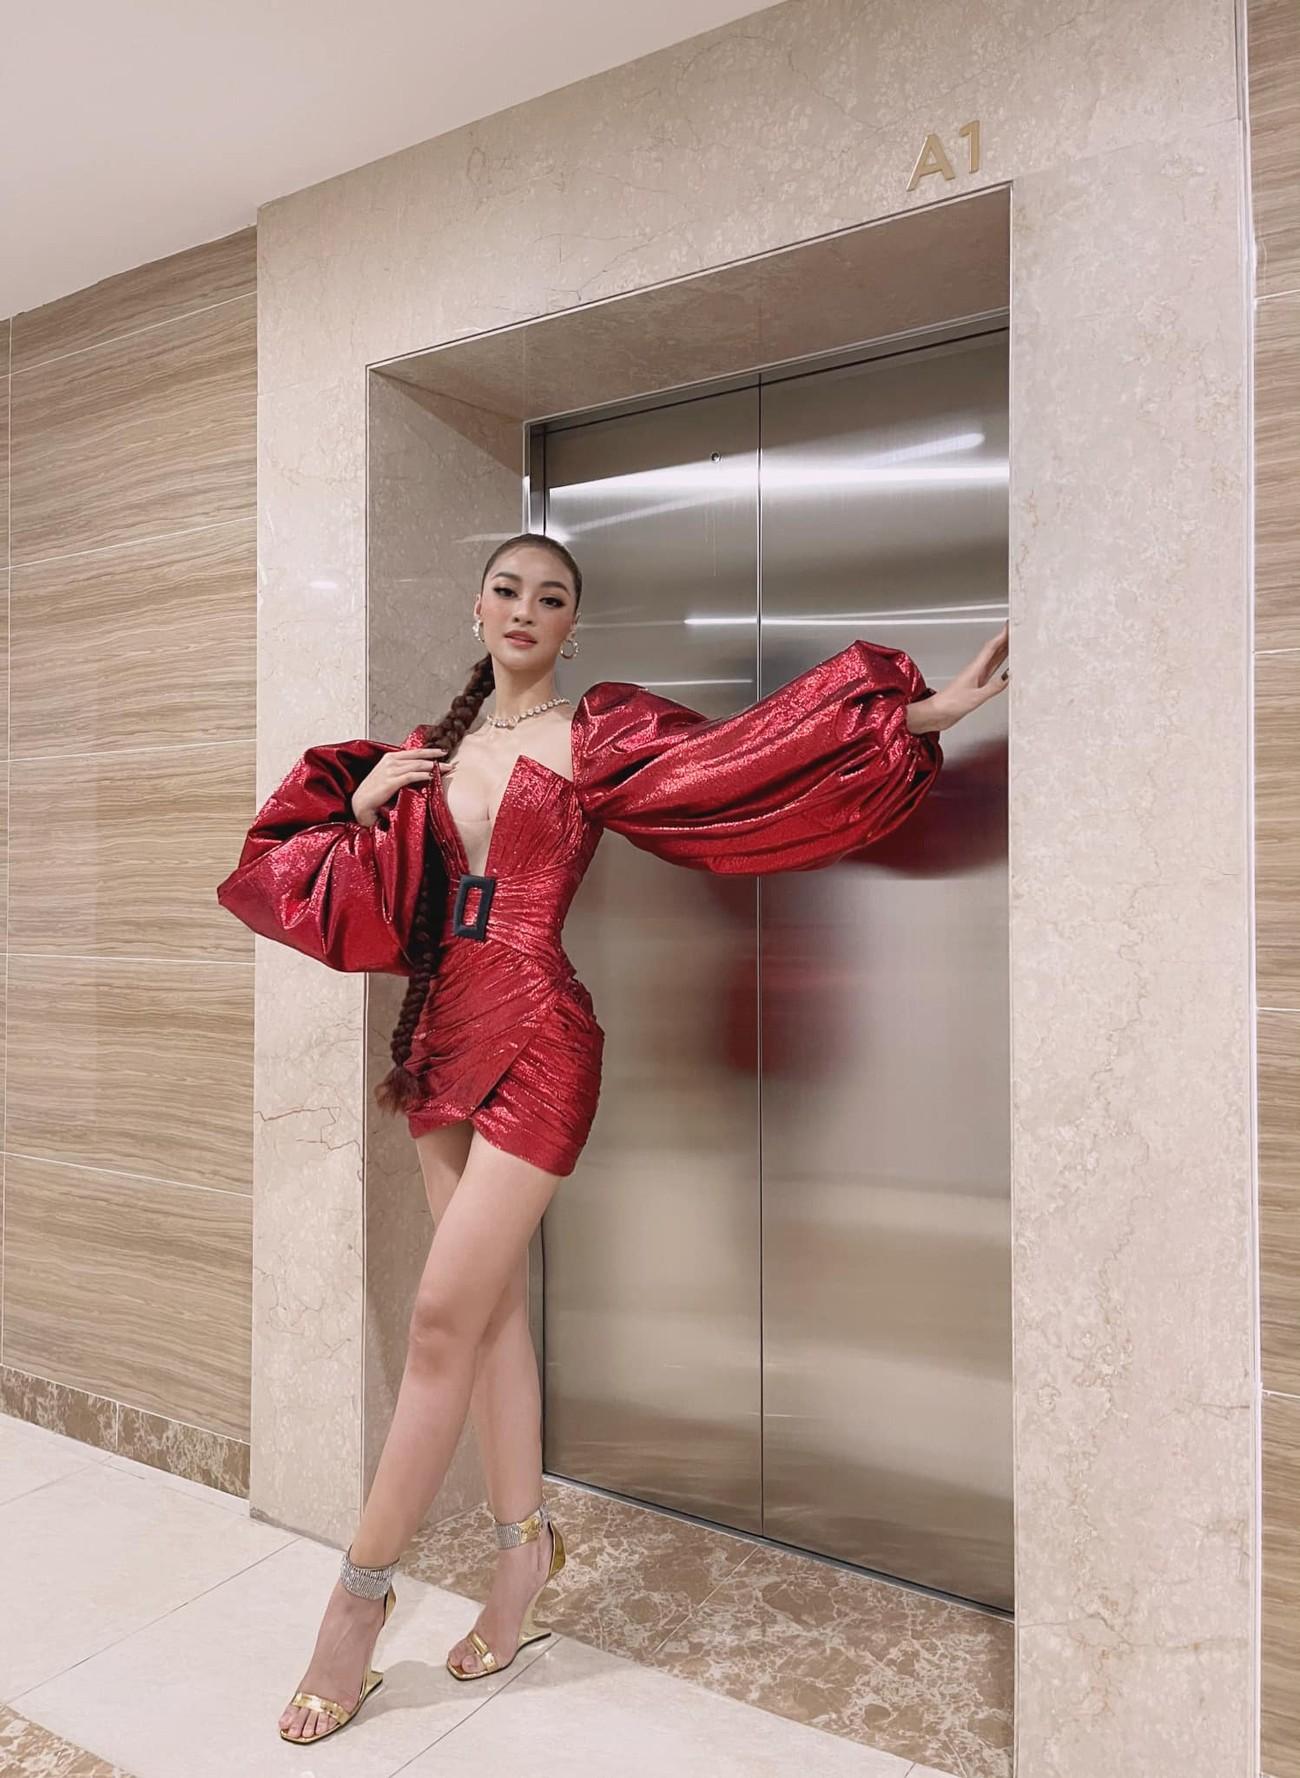 Tiểu Vy, Lương Thuỳ Linh diện váy cắt xẻ táo bạo khoe đường cong đẹp mắt ảnh 6